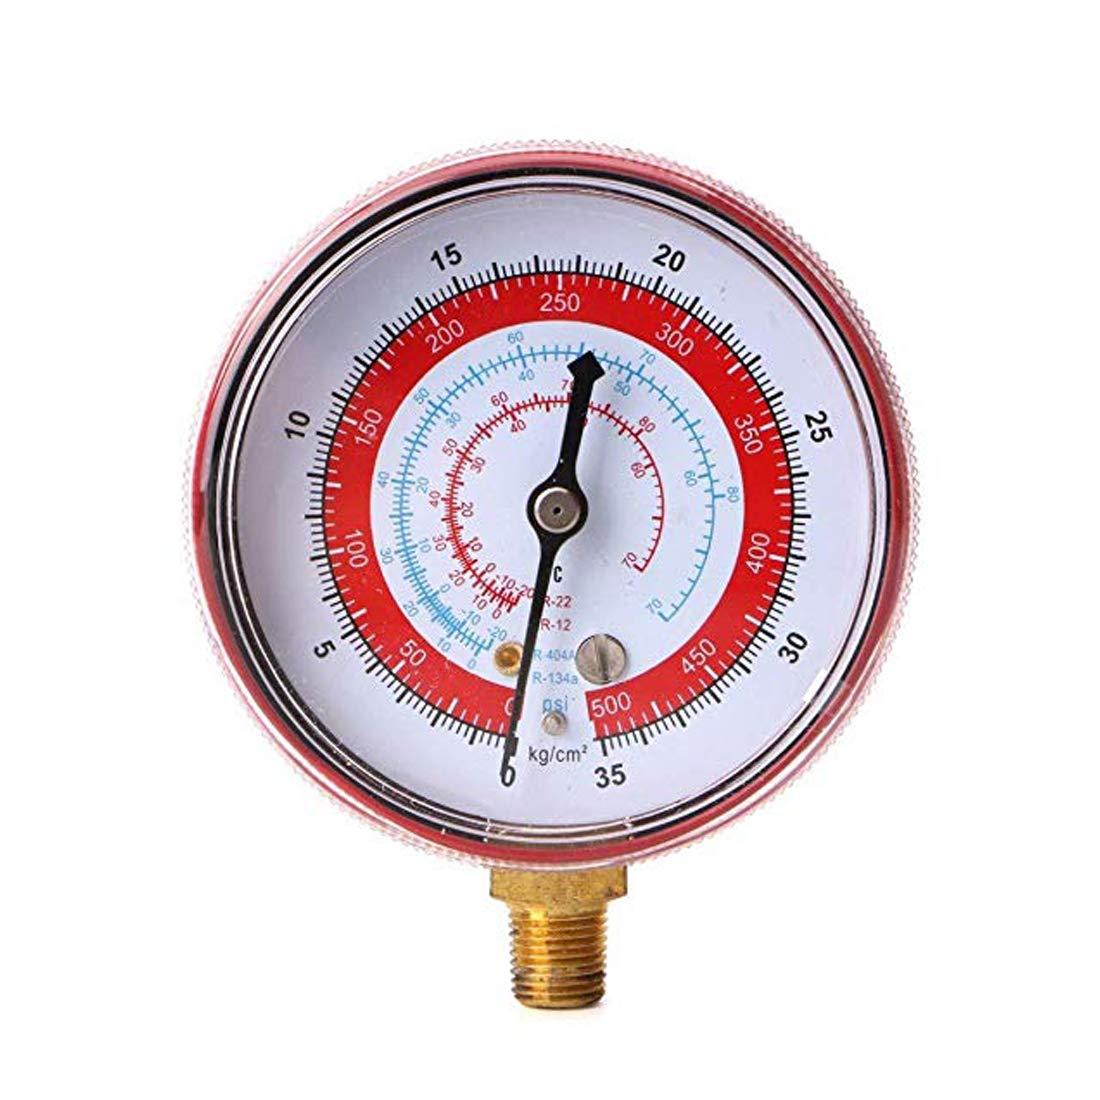 VIGORFLYRUN PARTS LTD Aire Acondicionado R410A R134A R22 Medidor de Baja presi/ón de refrigerante PSI KPA Medidor de presi/ón de refrigeraci/ón Refrigerante Azul